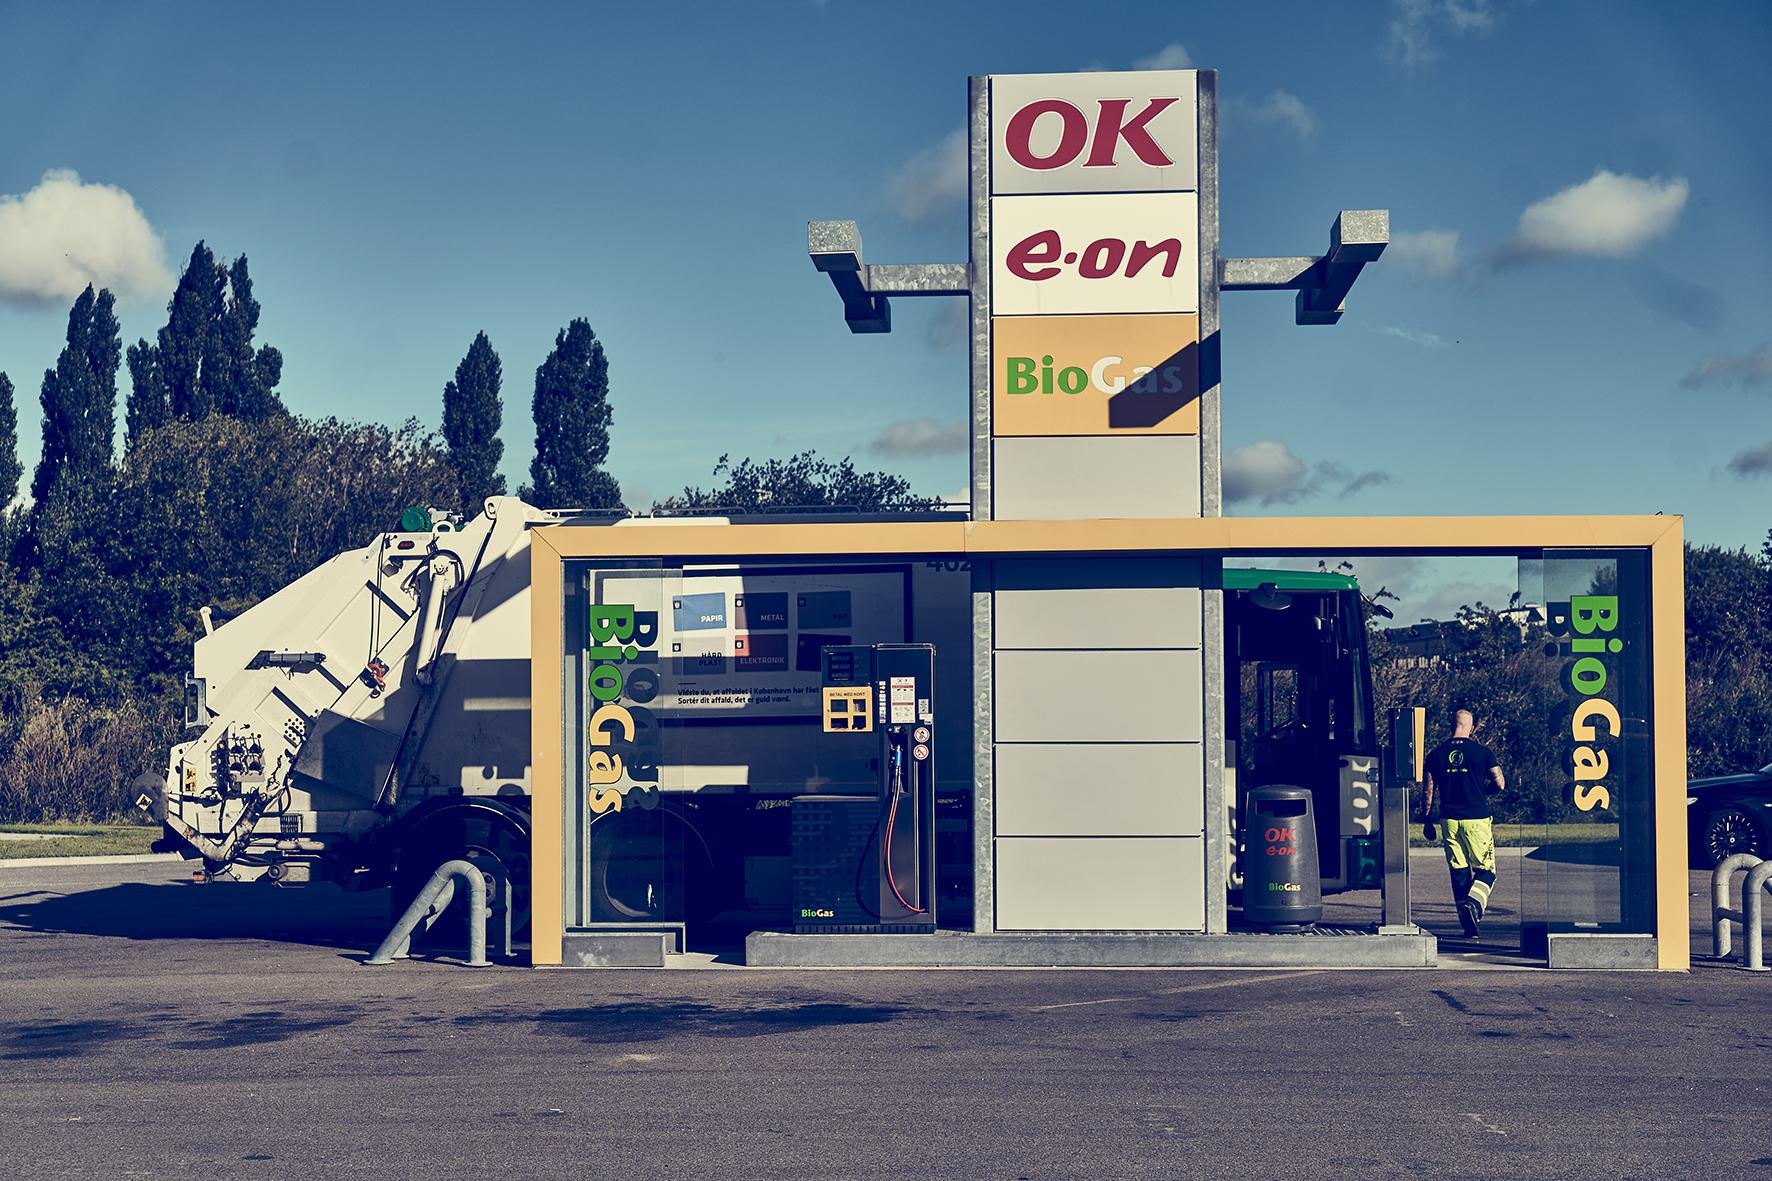 Biogastankstation i Høje-Taastrup (DK) indvies 6. oktober 2016.